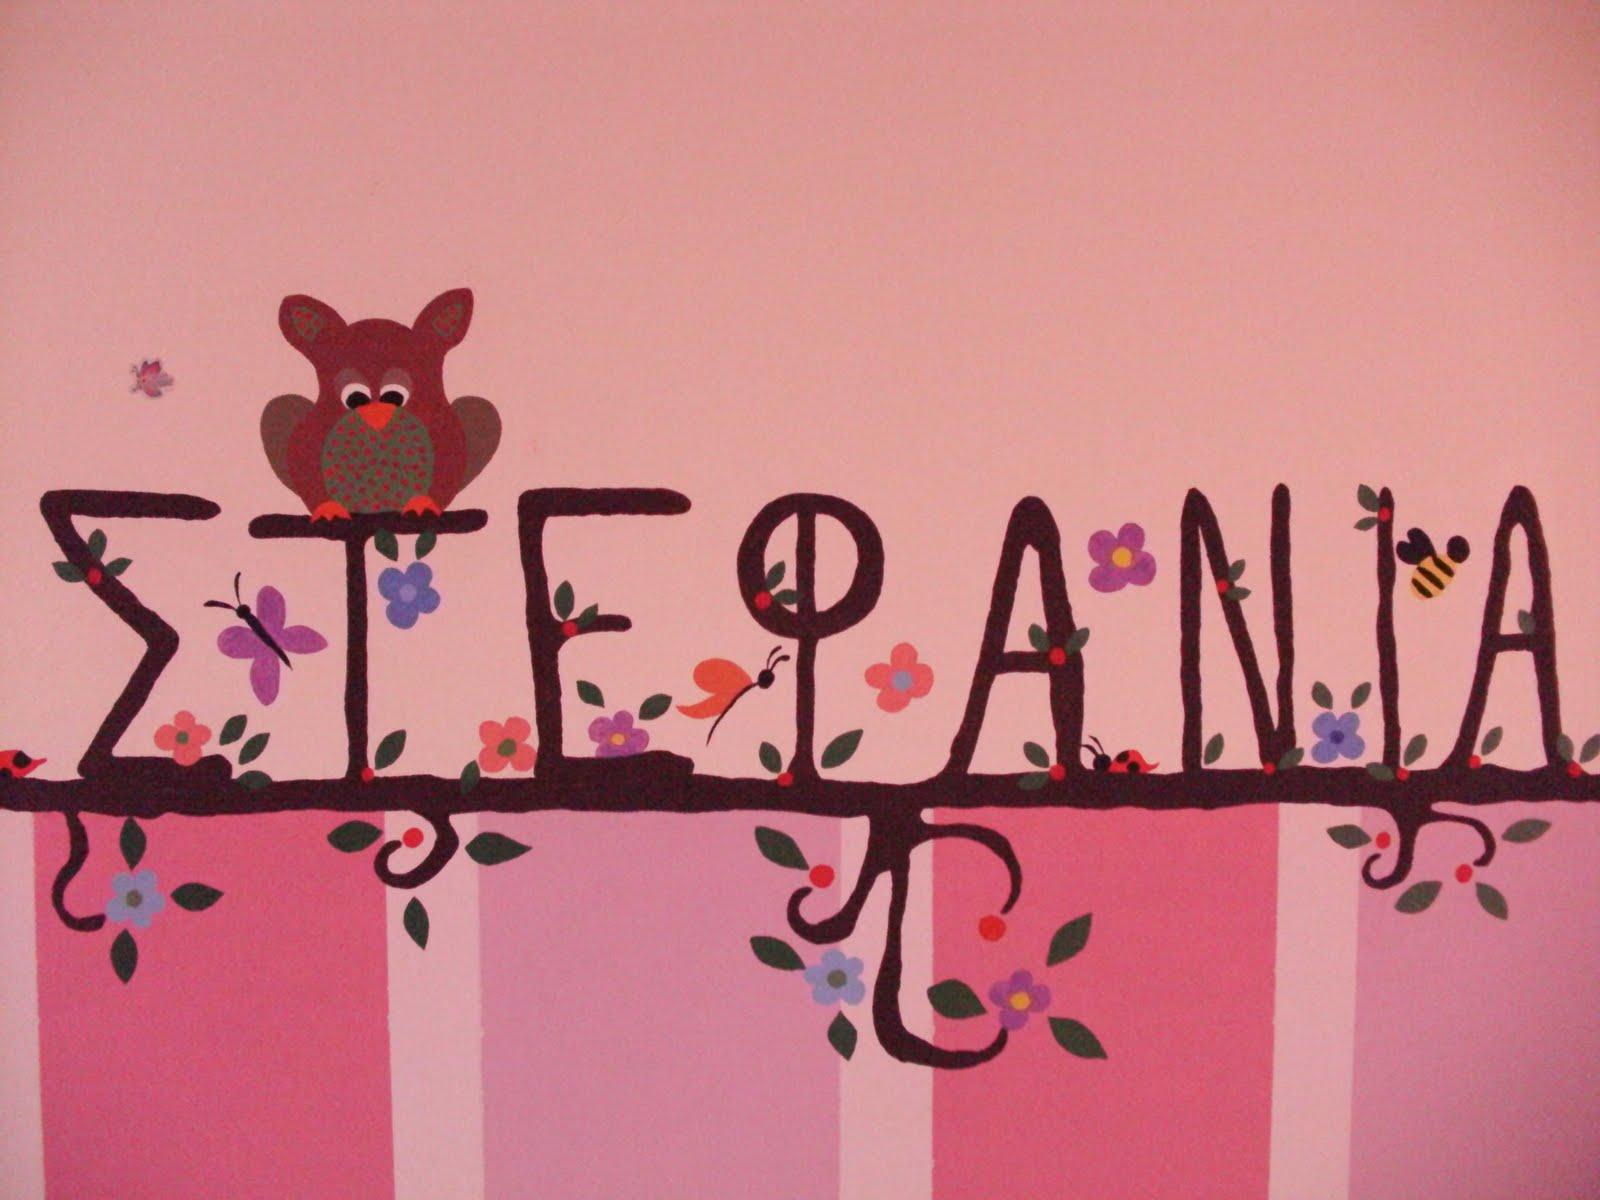 Ζωγραφική στον τοίχο του παιδικού δωματίου.